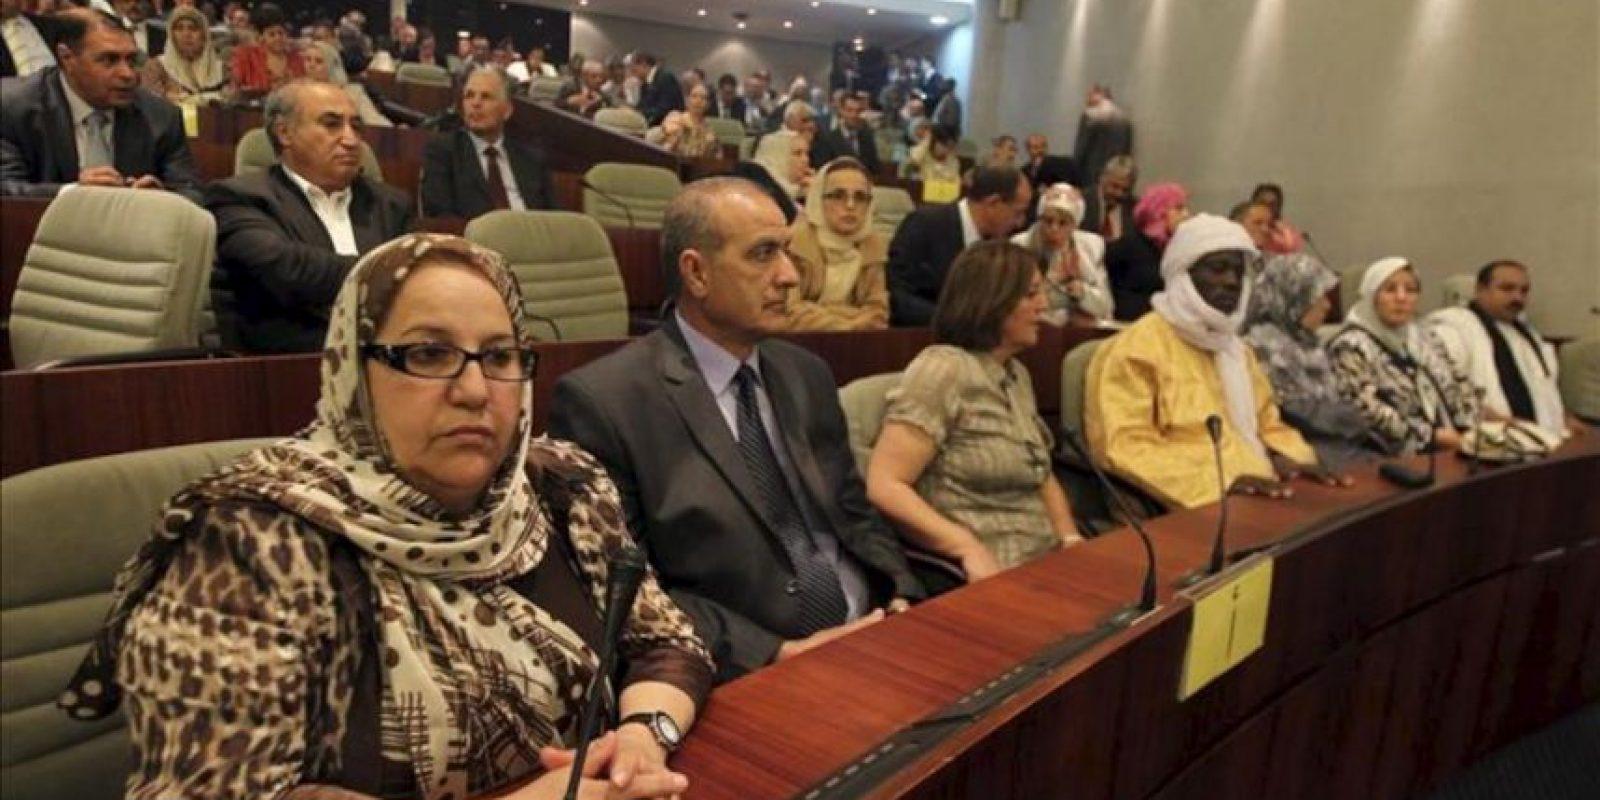 Diputados asisten a la ceremonia de constitución del nuevo Parlamento argelino surgido de las elecciones legislativas del pasado 10 de mayo, en Argel, Argelia. EFE